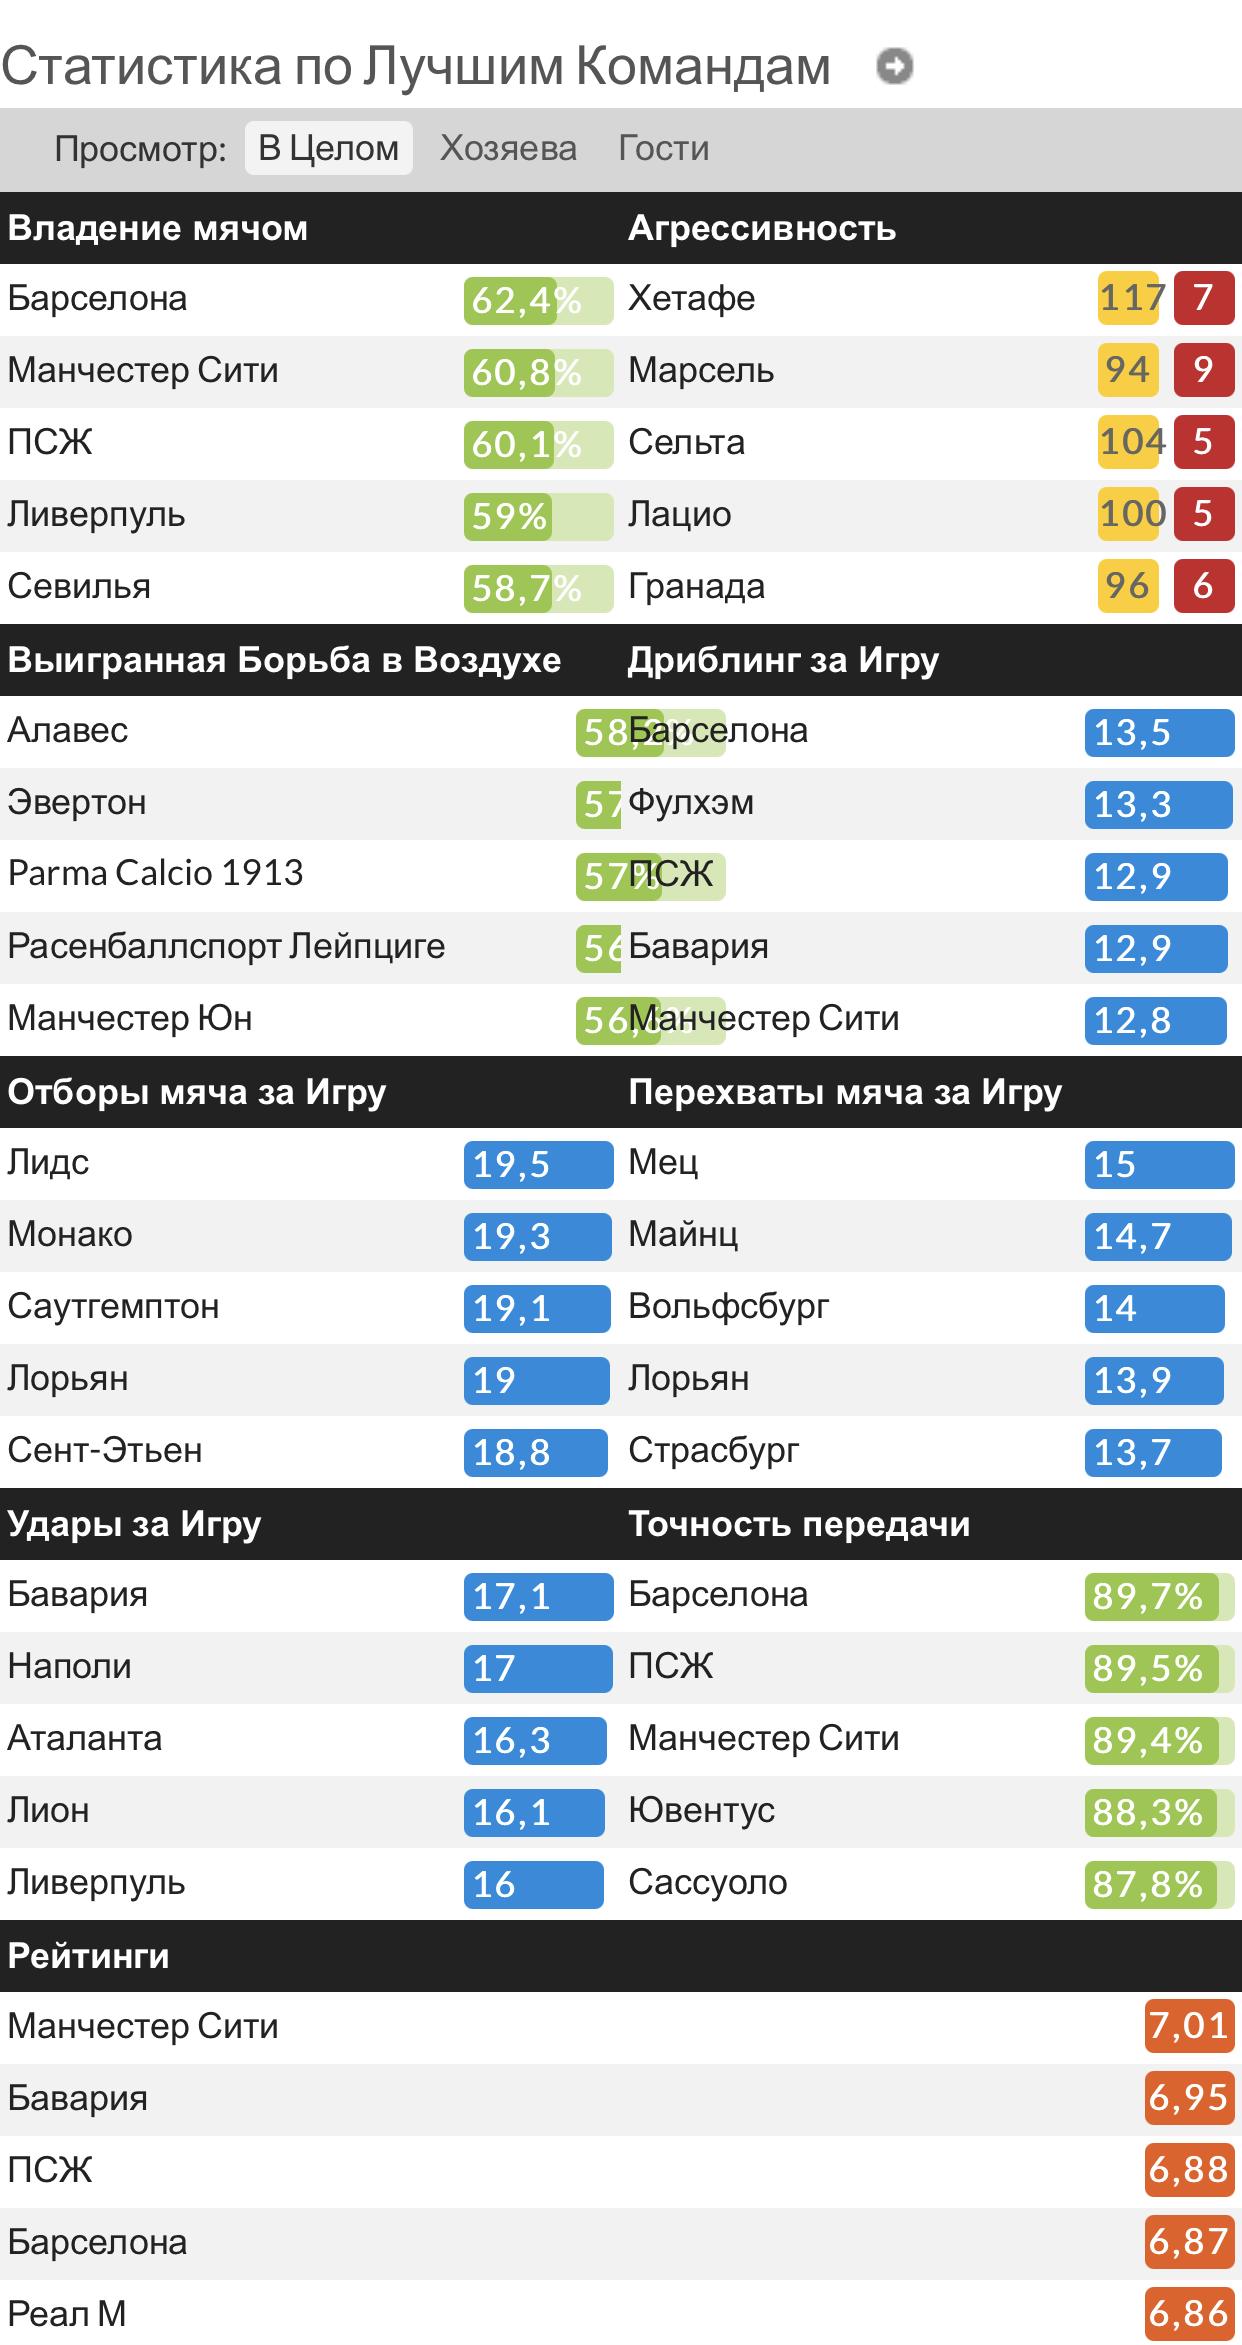 Итоги футбольного сезона в Европе от блога football weekdays: Месси, Тухель, Ланс, Поттер, Гвардиола и все-все-все!